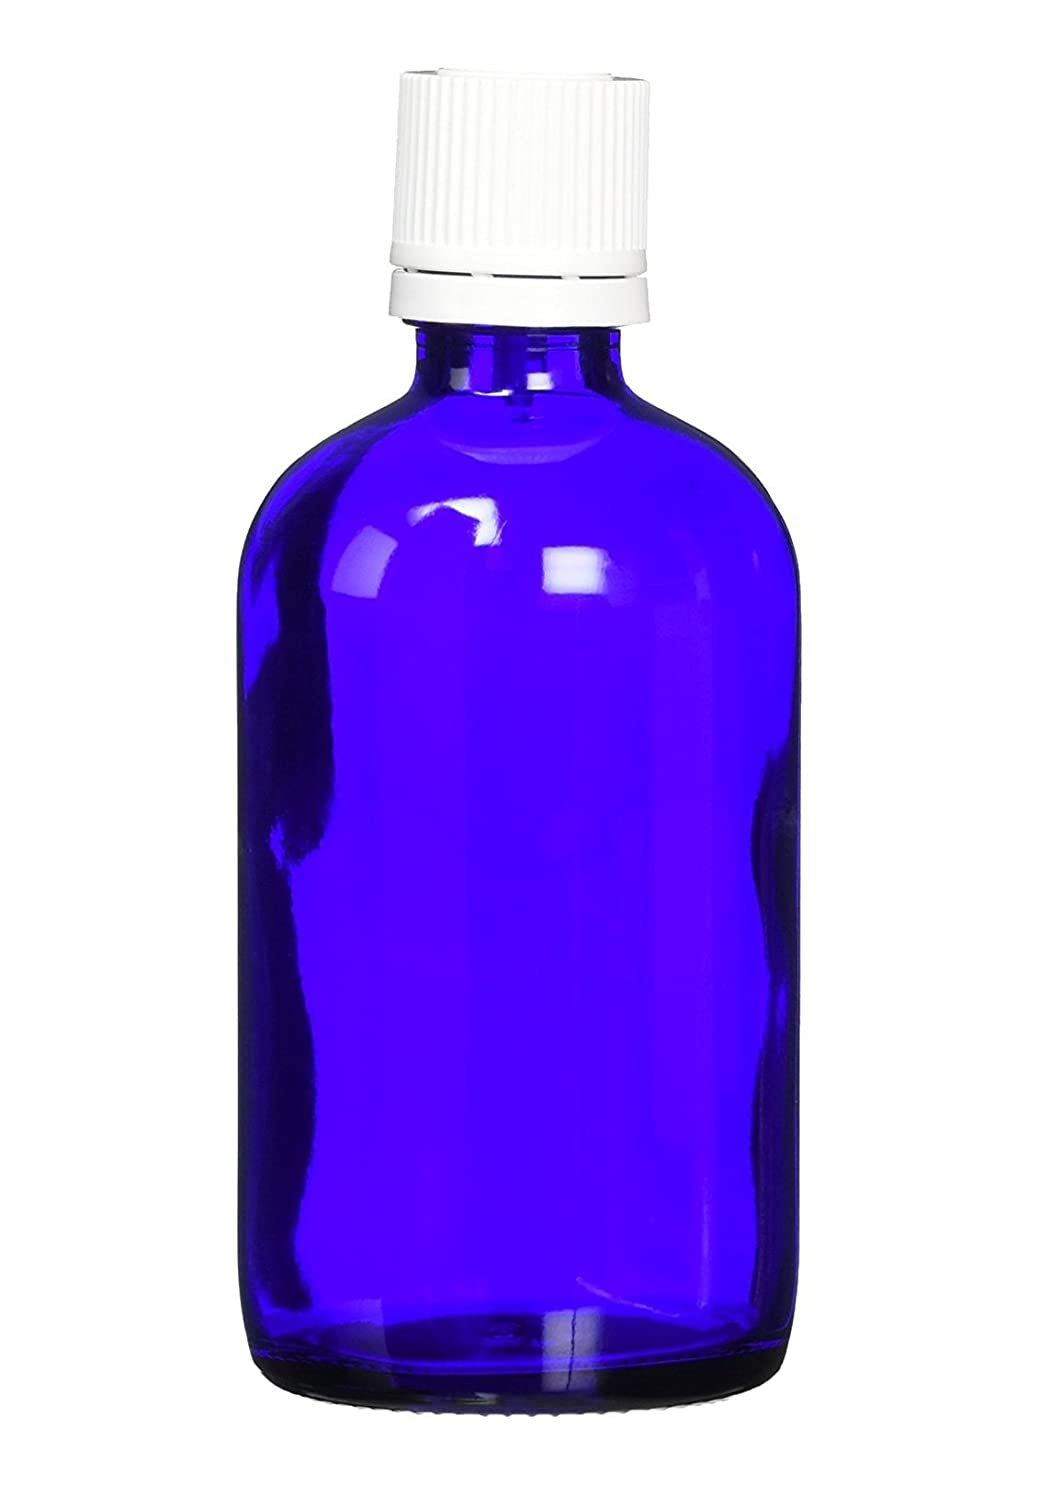 毒レンディション増強するease 遮光ビン ブルー (高粘度用) 100ml (国内メーカー)